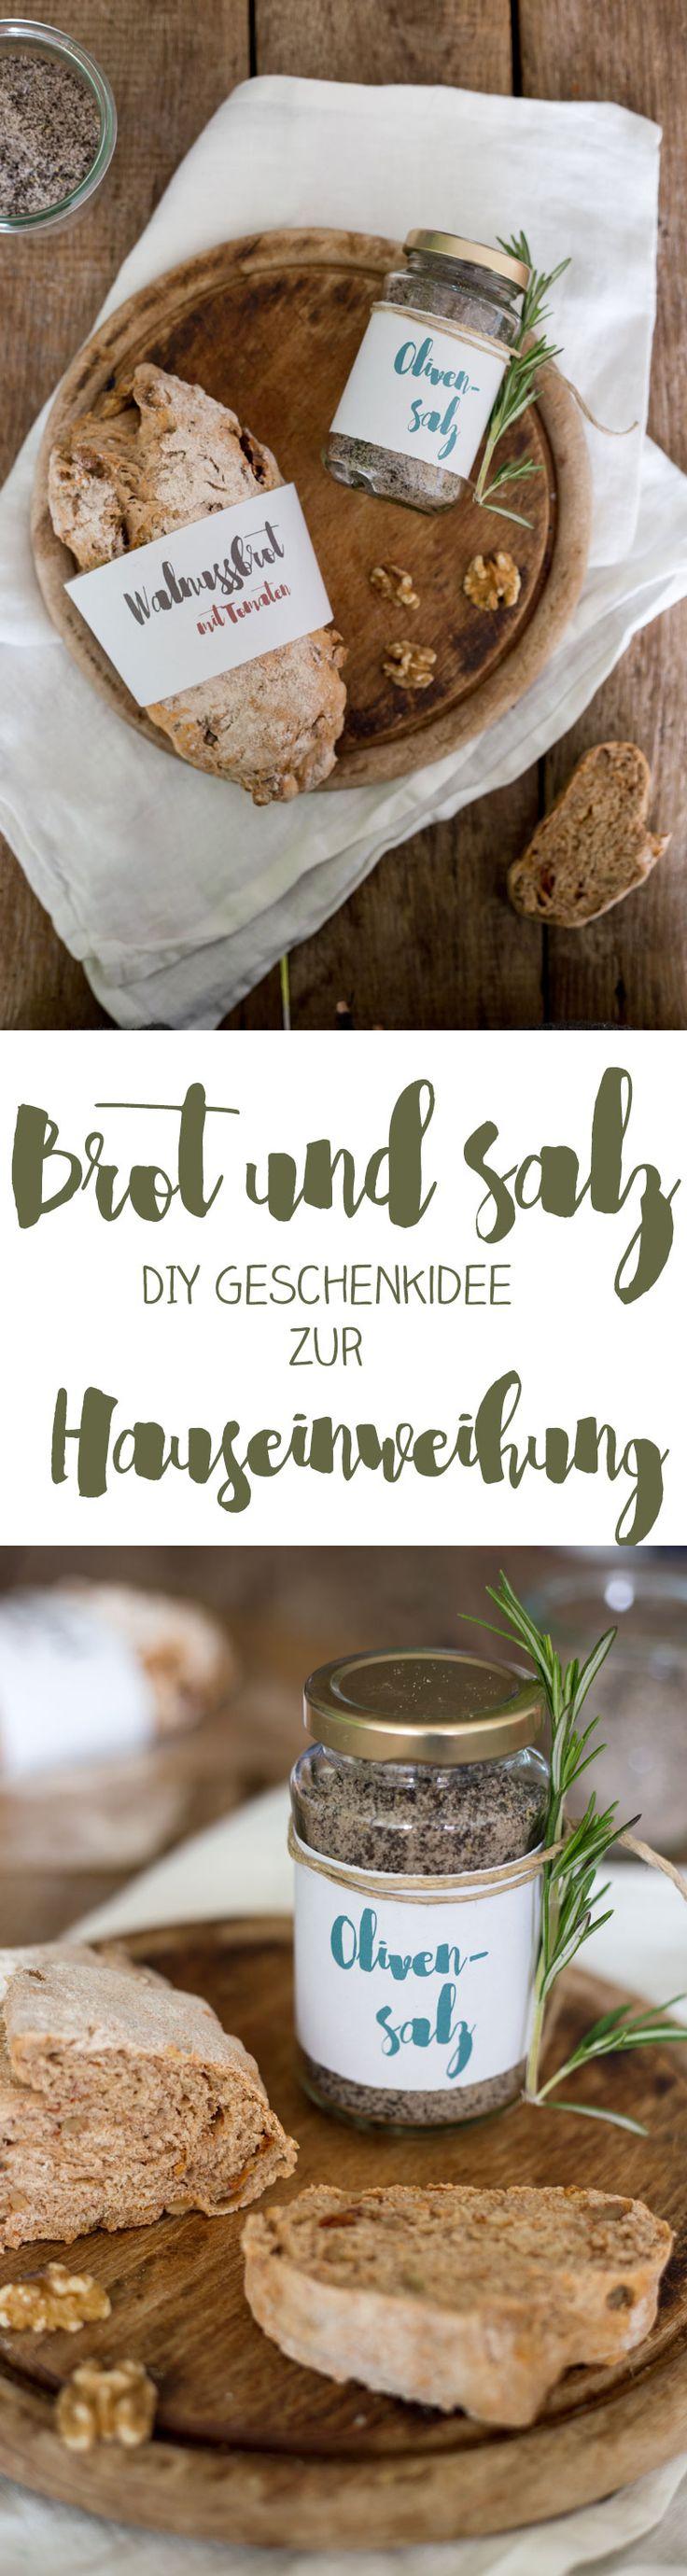 Geschenkidee zur Hauseinweihung: DIY Olivensalz mit Brot selbermachen - Anleitung und Printable auf Kreativfieber